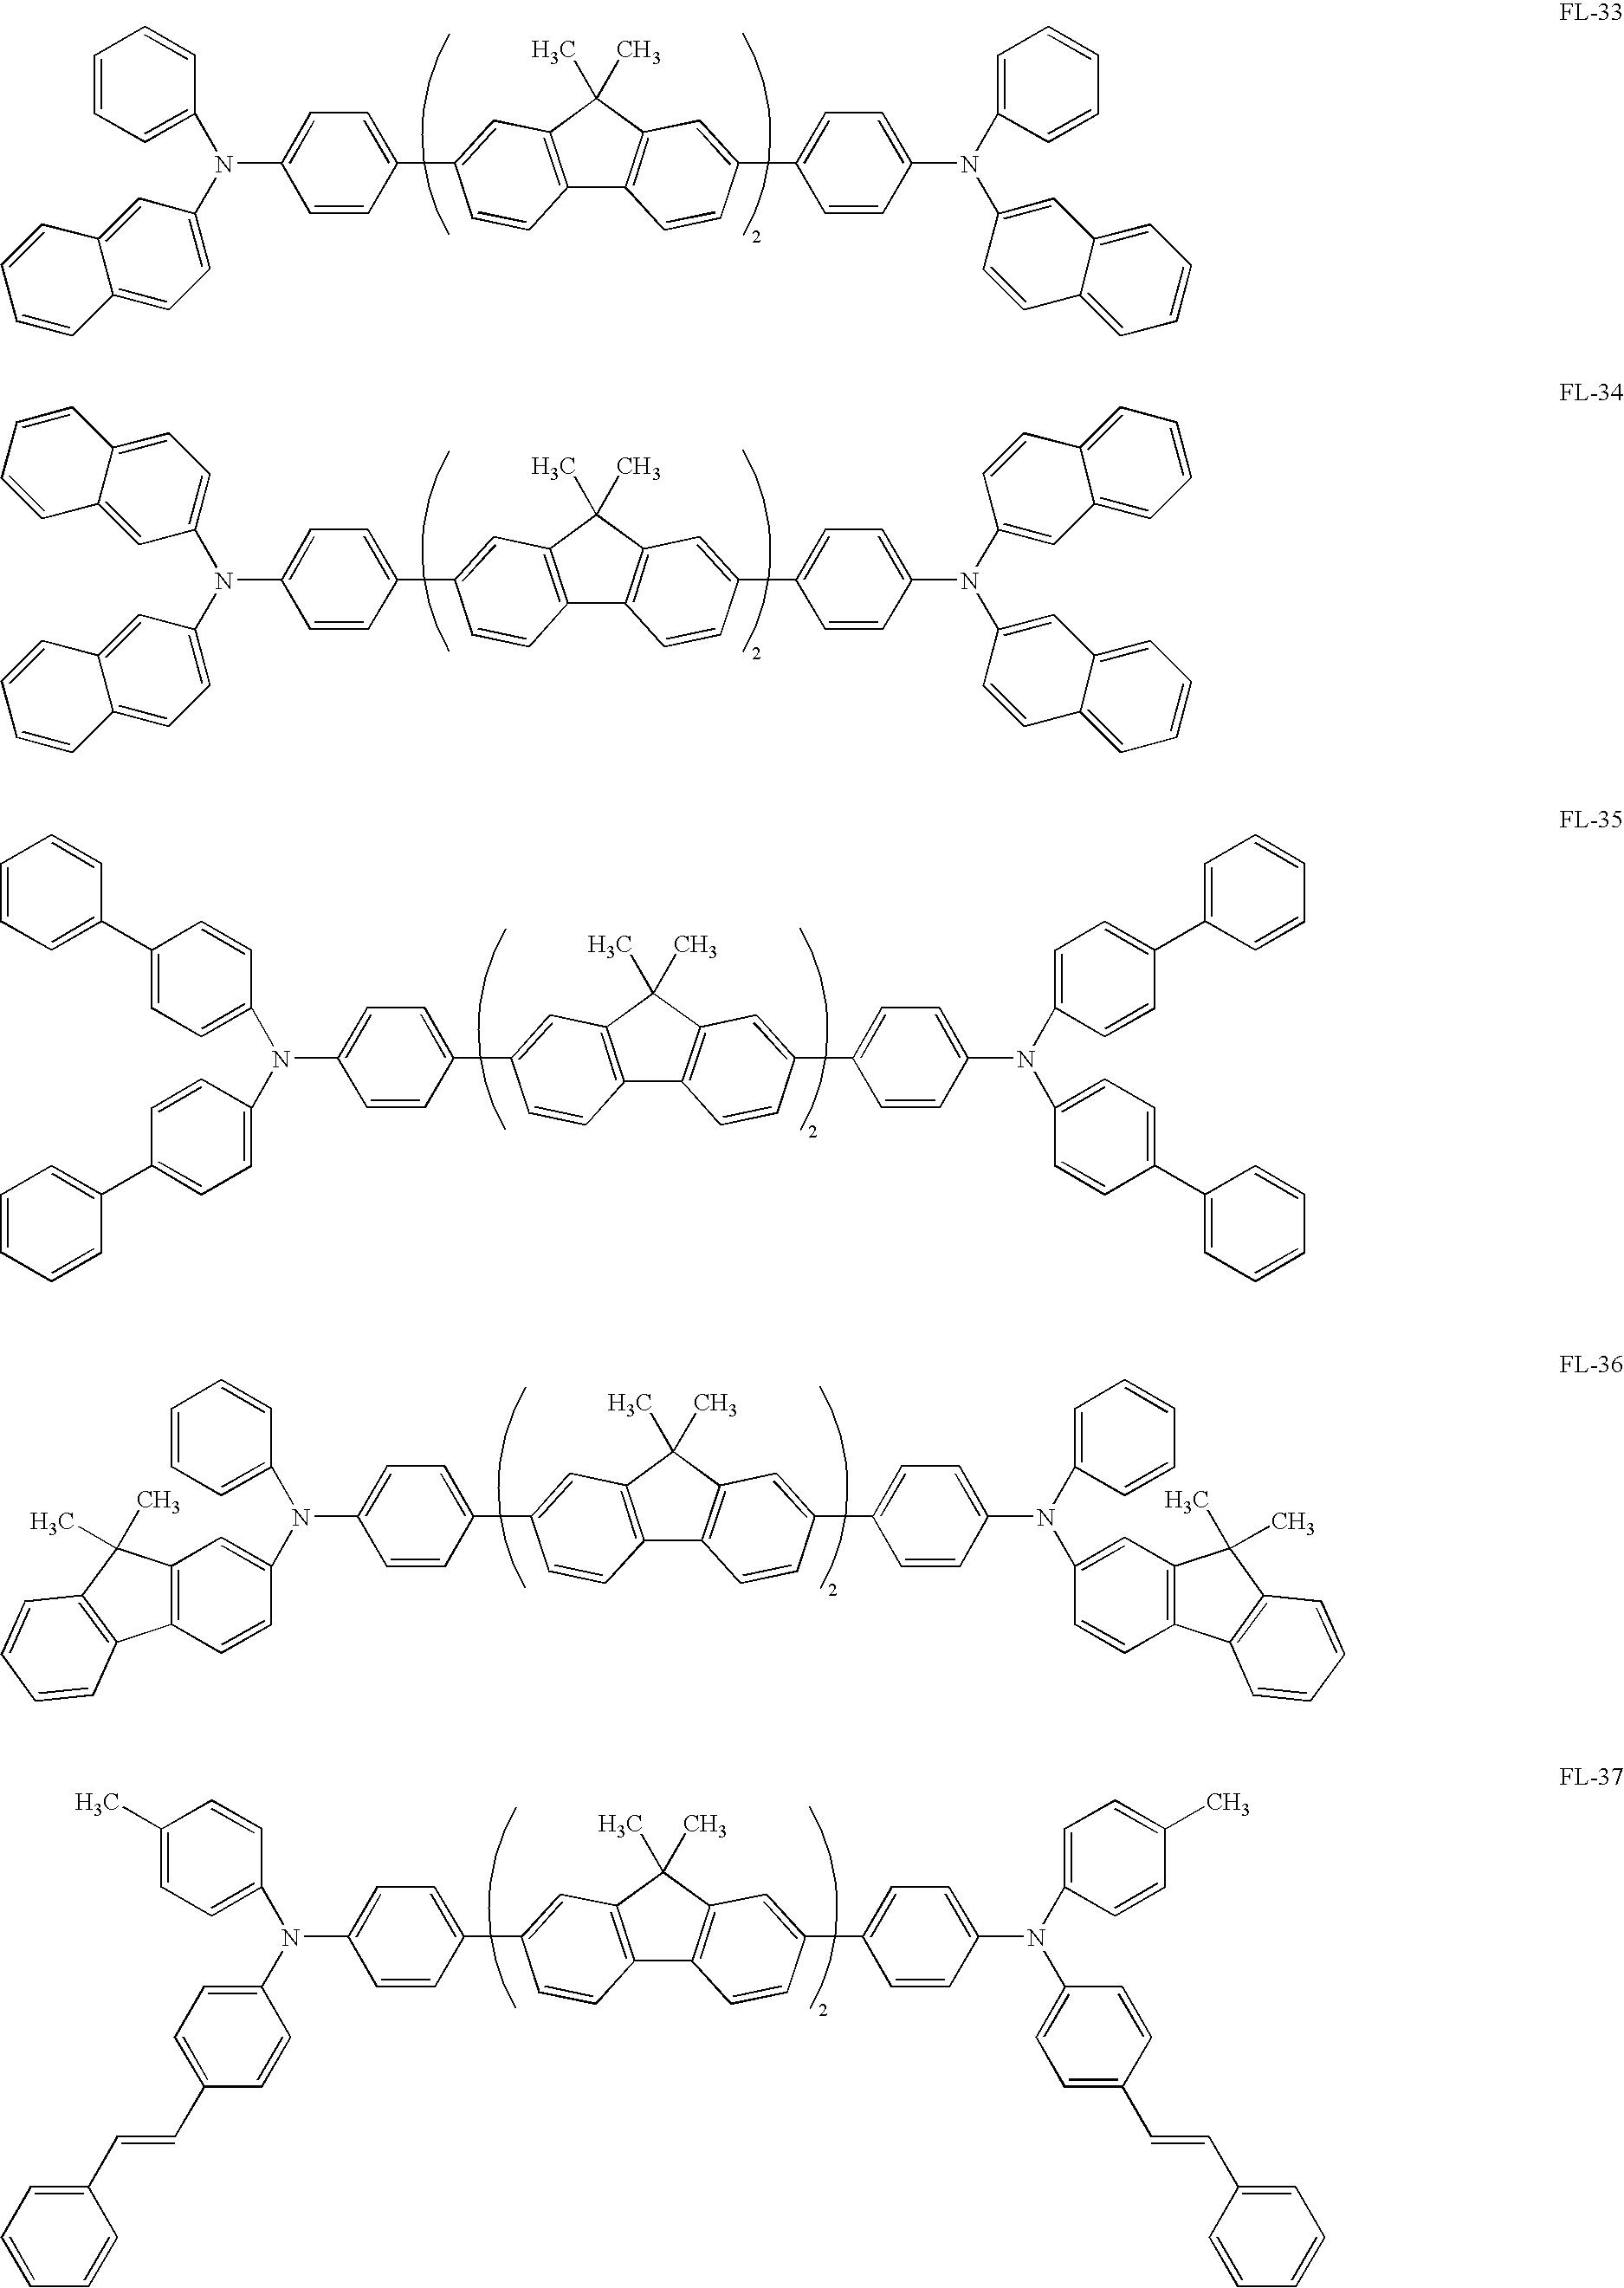 Figure US20060134425A1-20060622-C00019